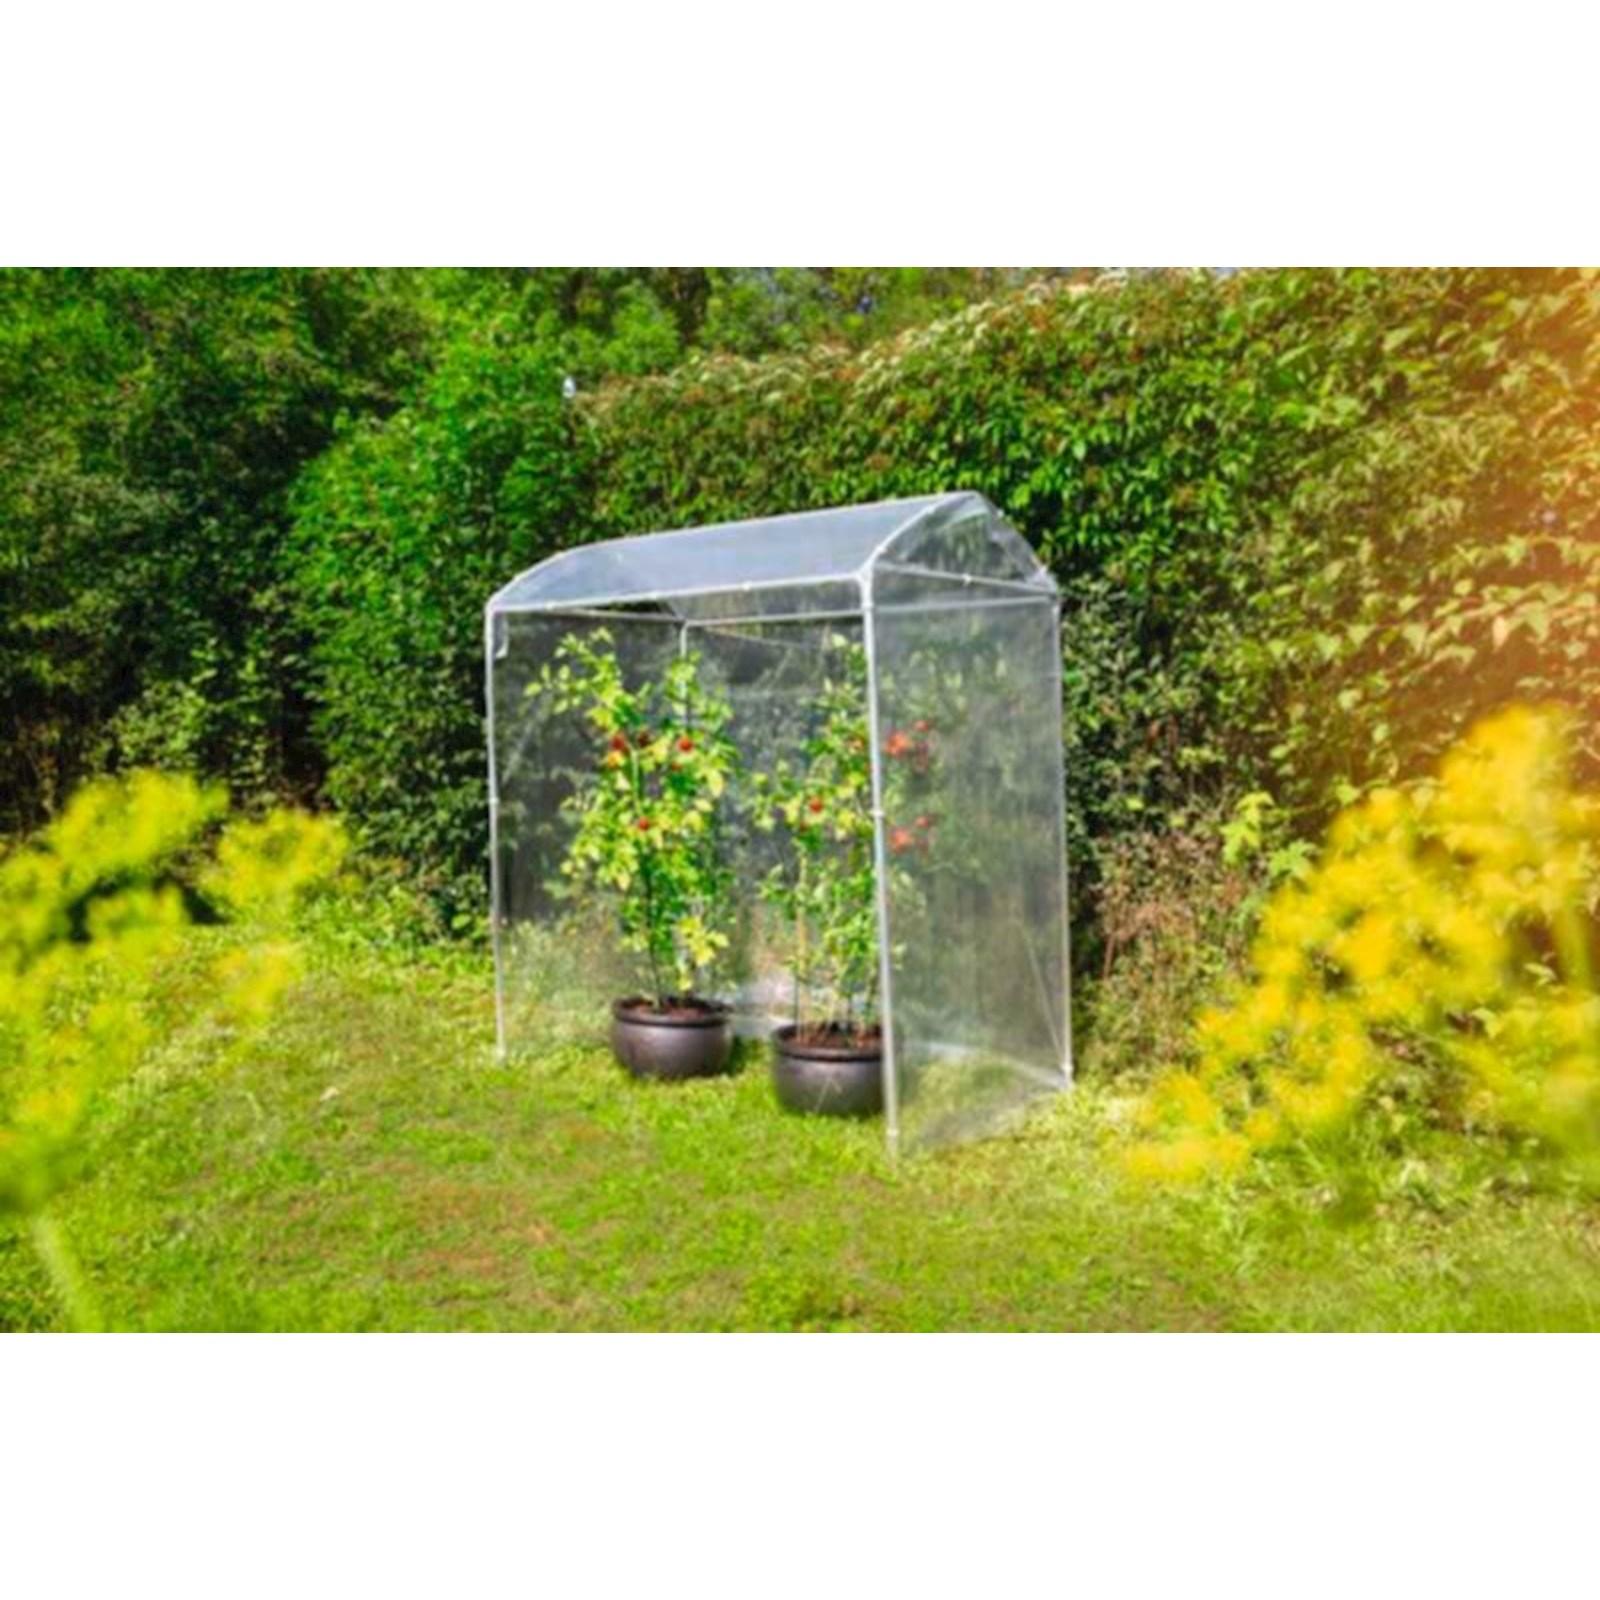 59e71a90787e1 Serre à tomates alu profi Serre à tomates alu profi